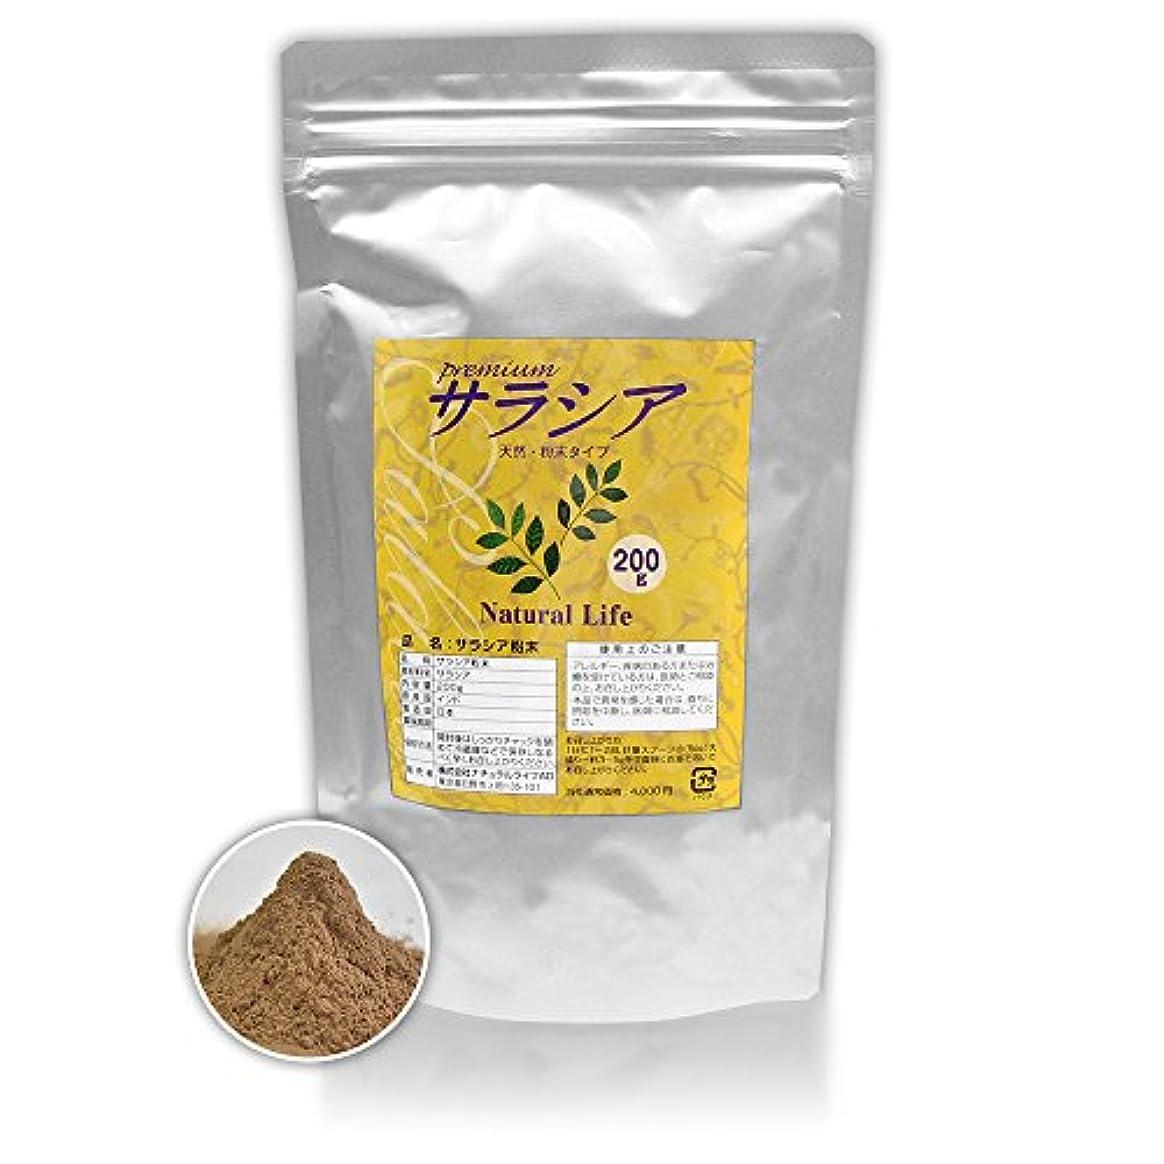 目立つ訪問エスカレートサラシア粉末[200g]天然ピュア原料(無添加)健康食品(さらしあ,レティキュラータ)